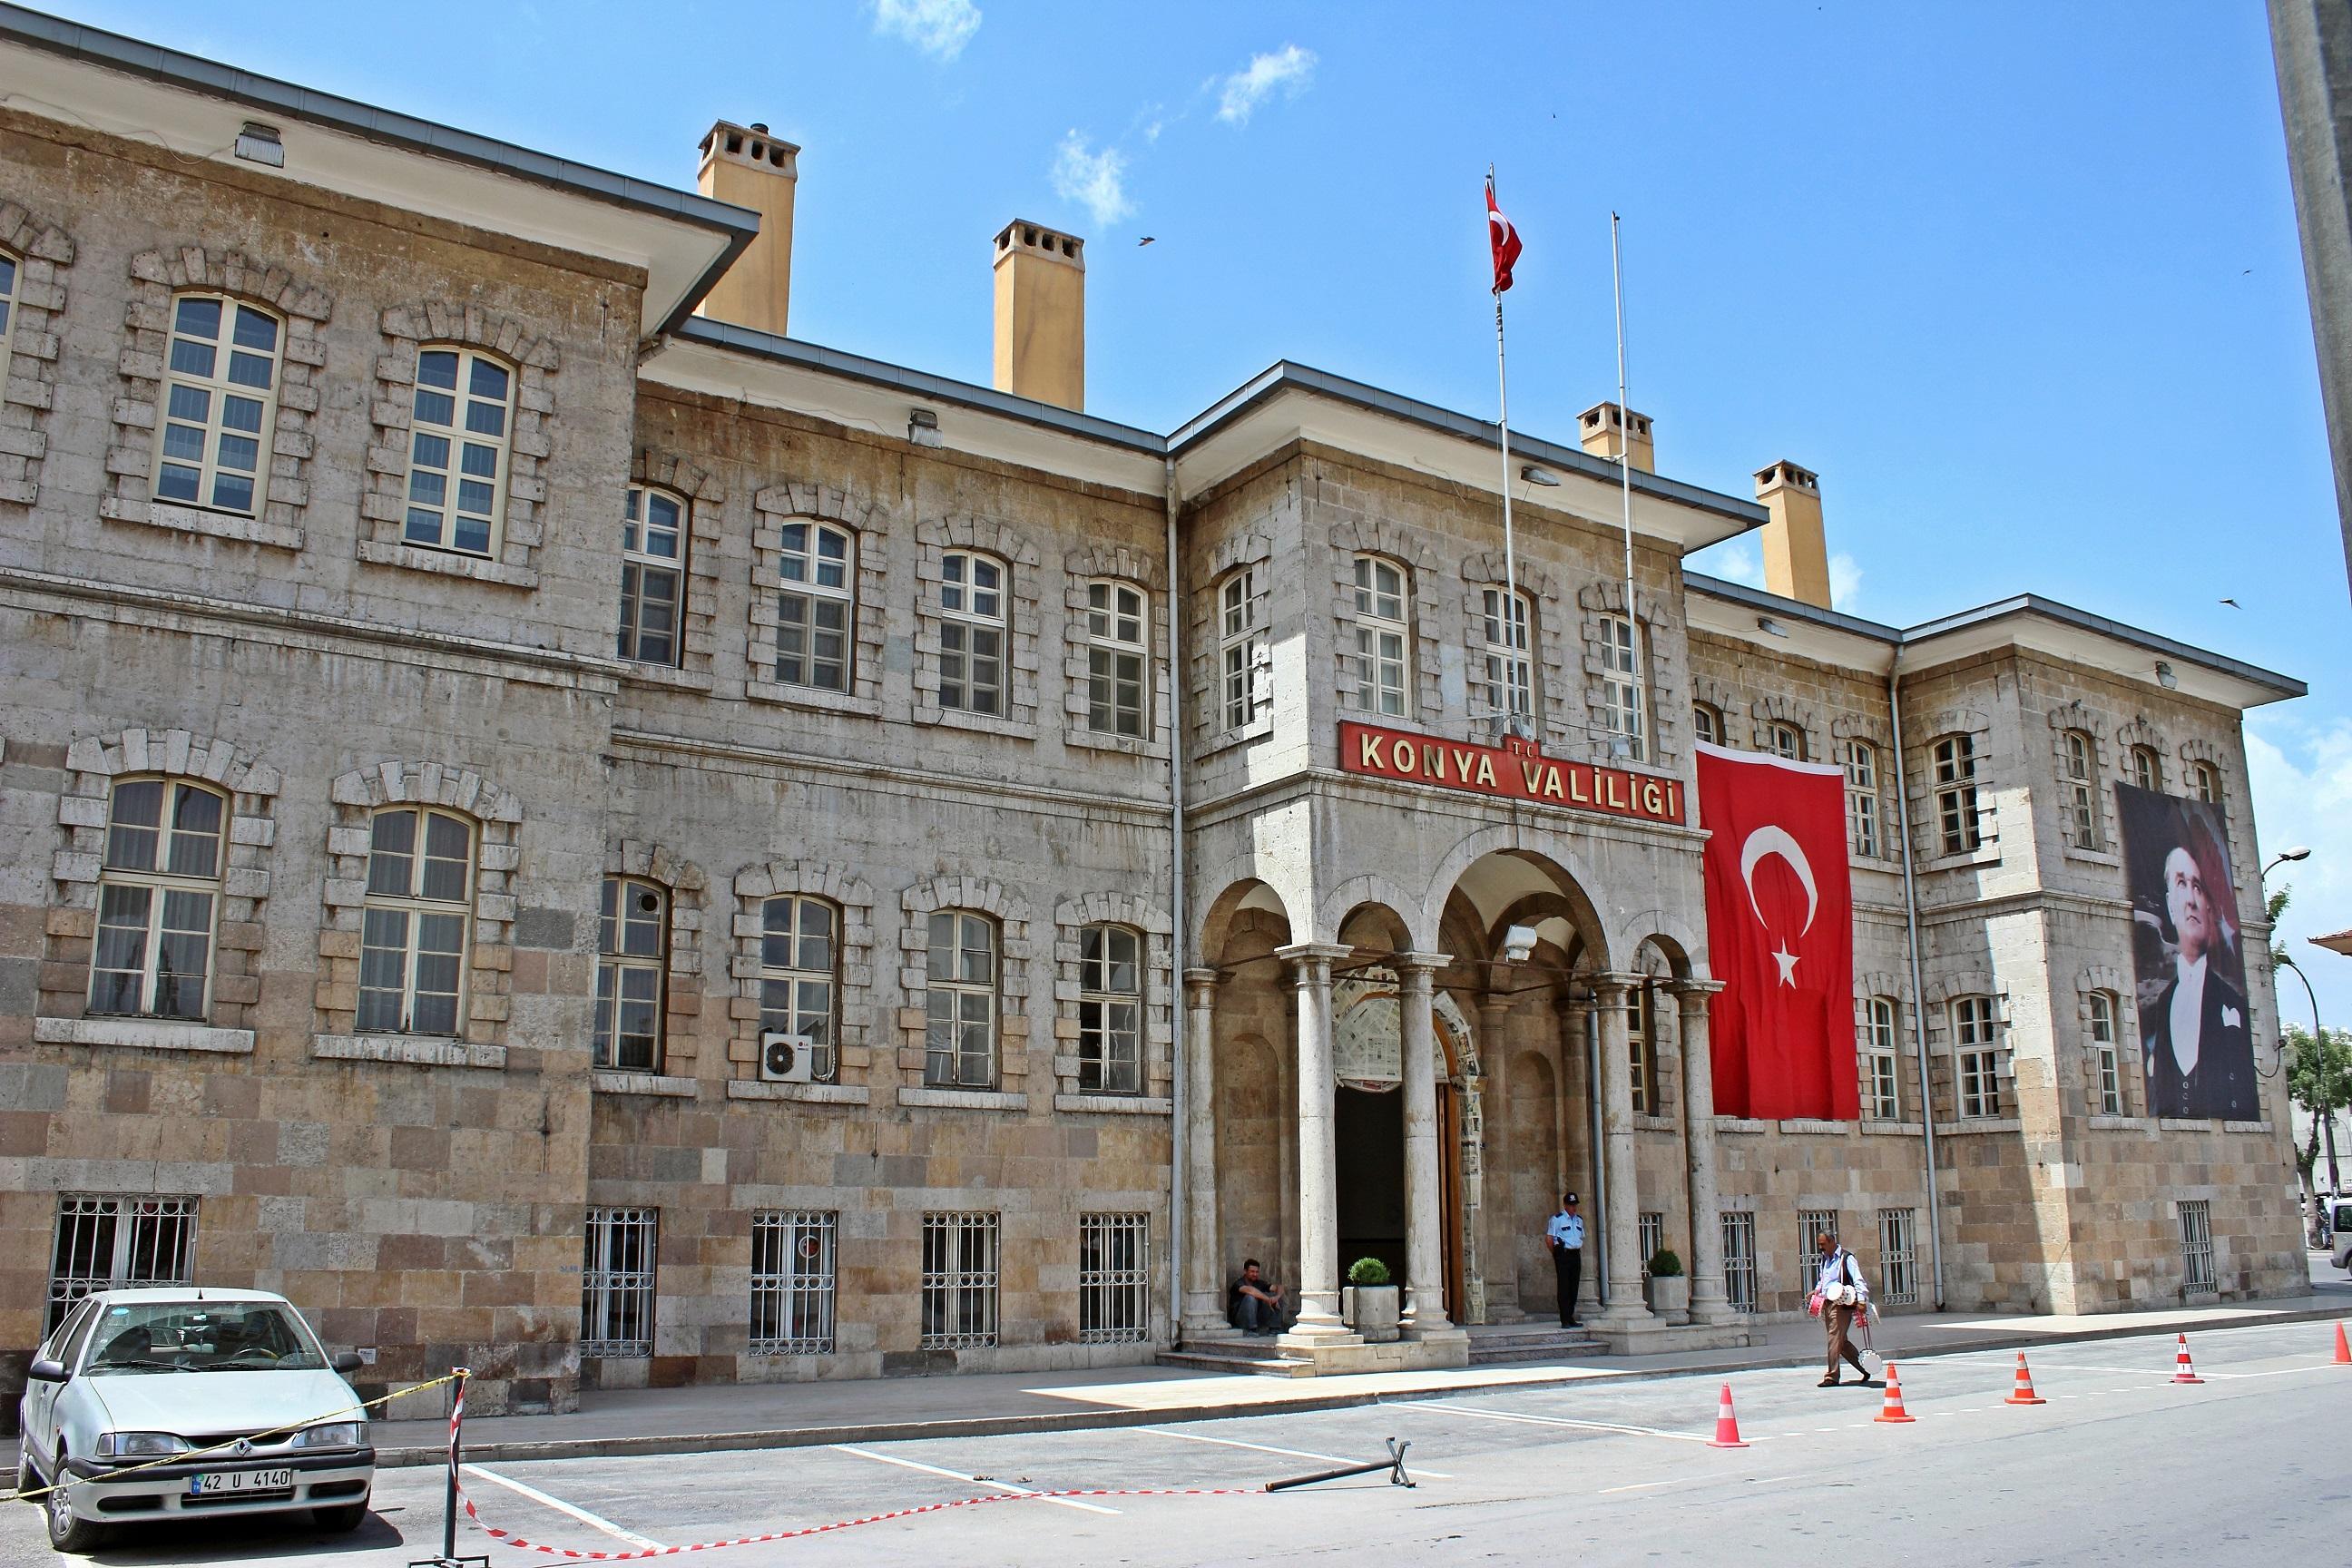 Konya'da gösteri ve yürüyüş yapılacak yerler